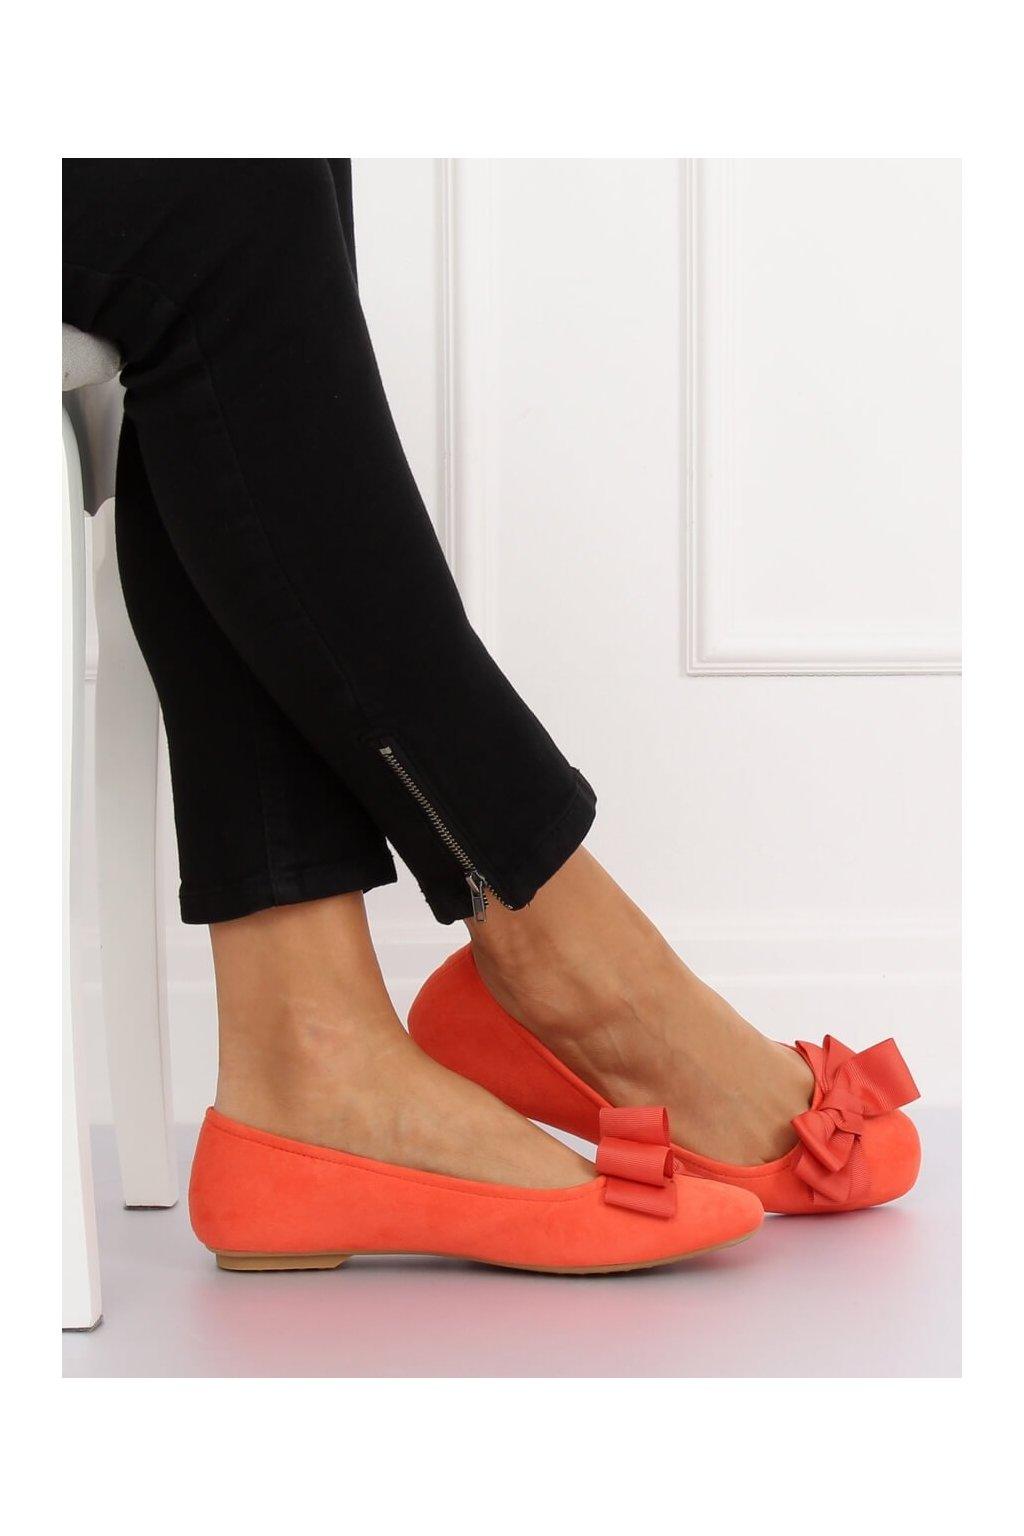 Dámske baleríny oranžové 3173